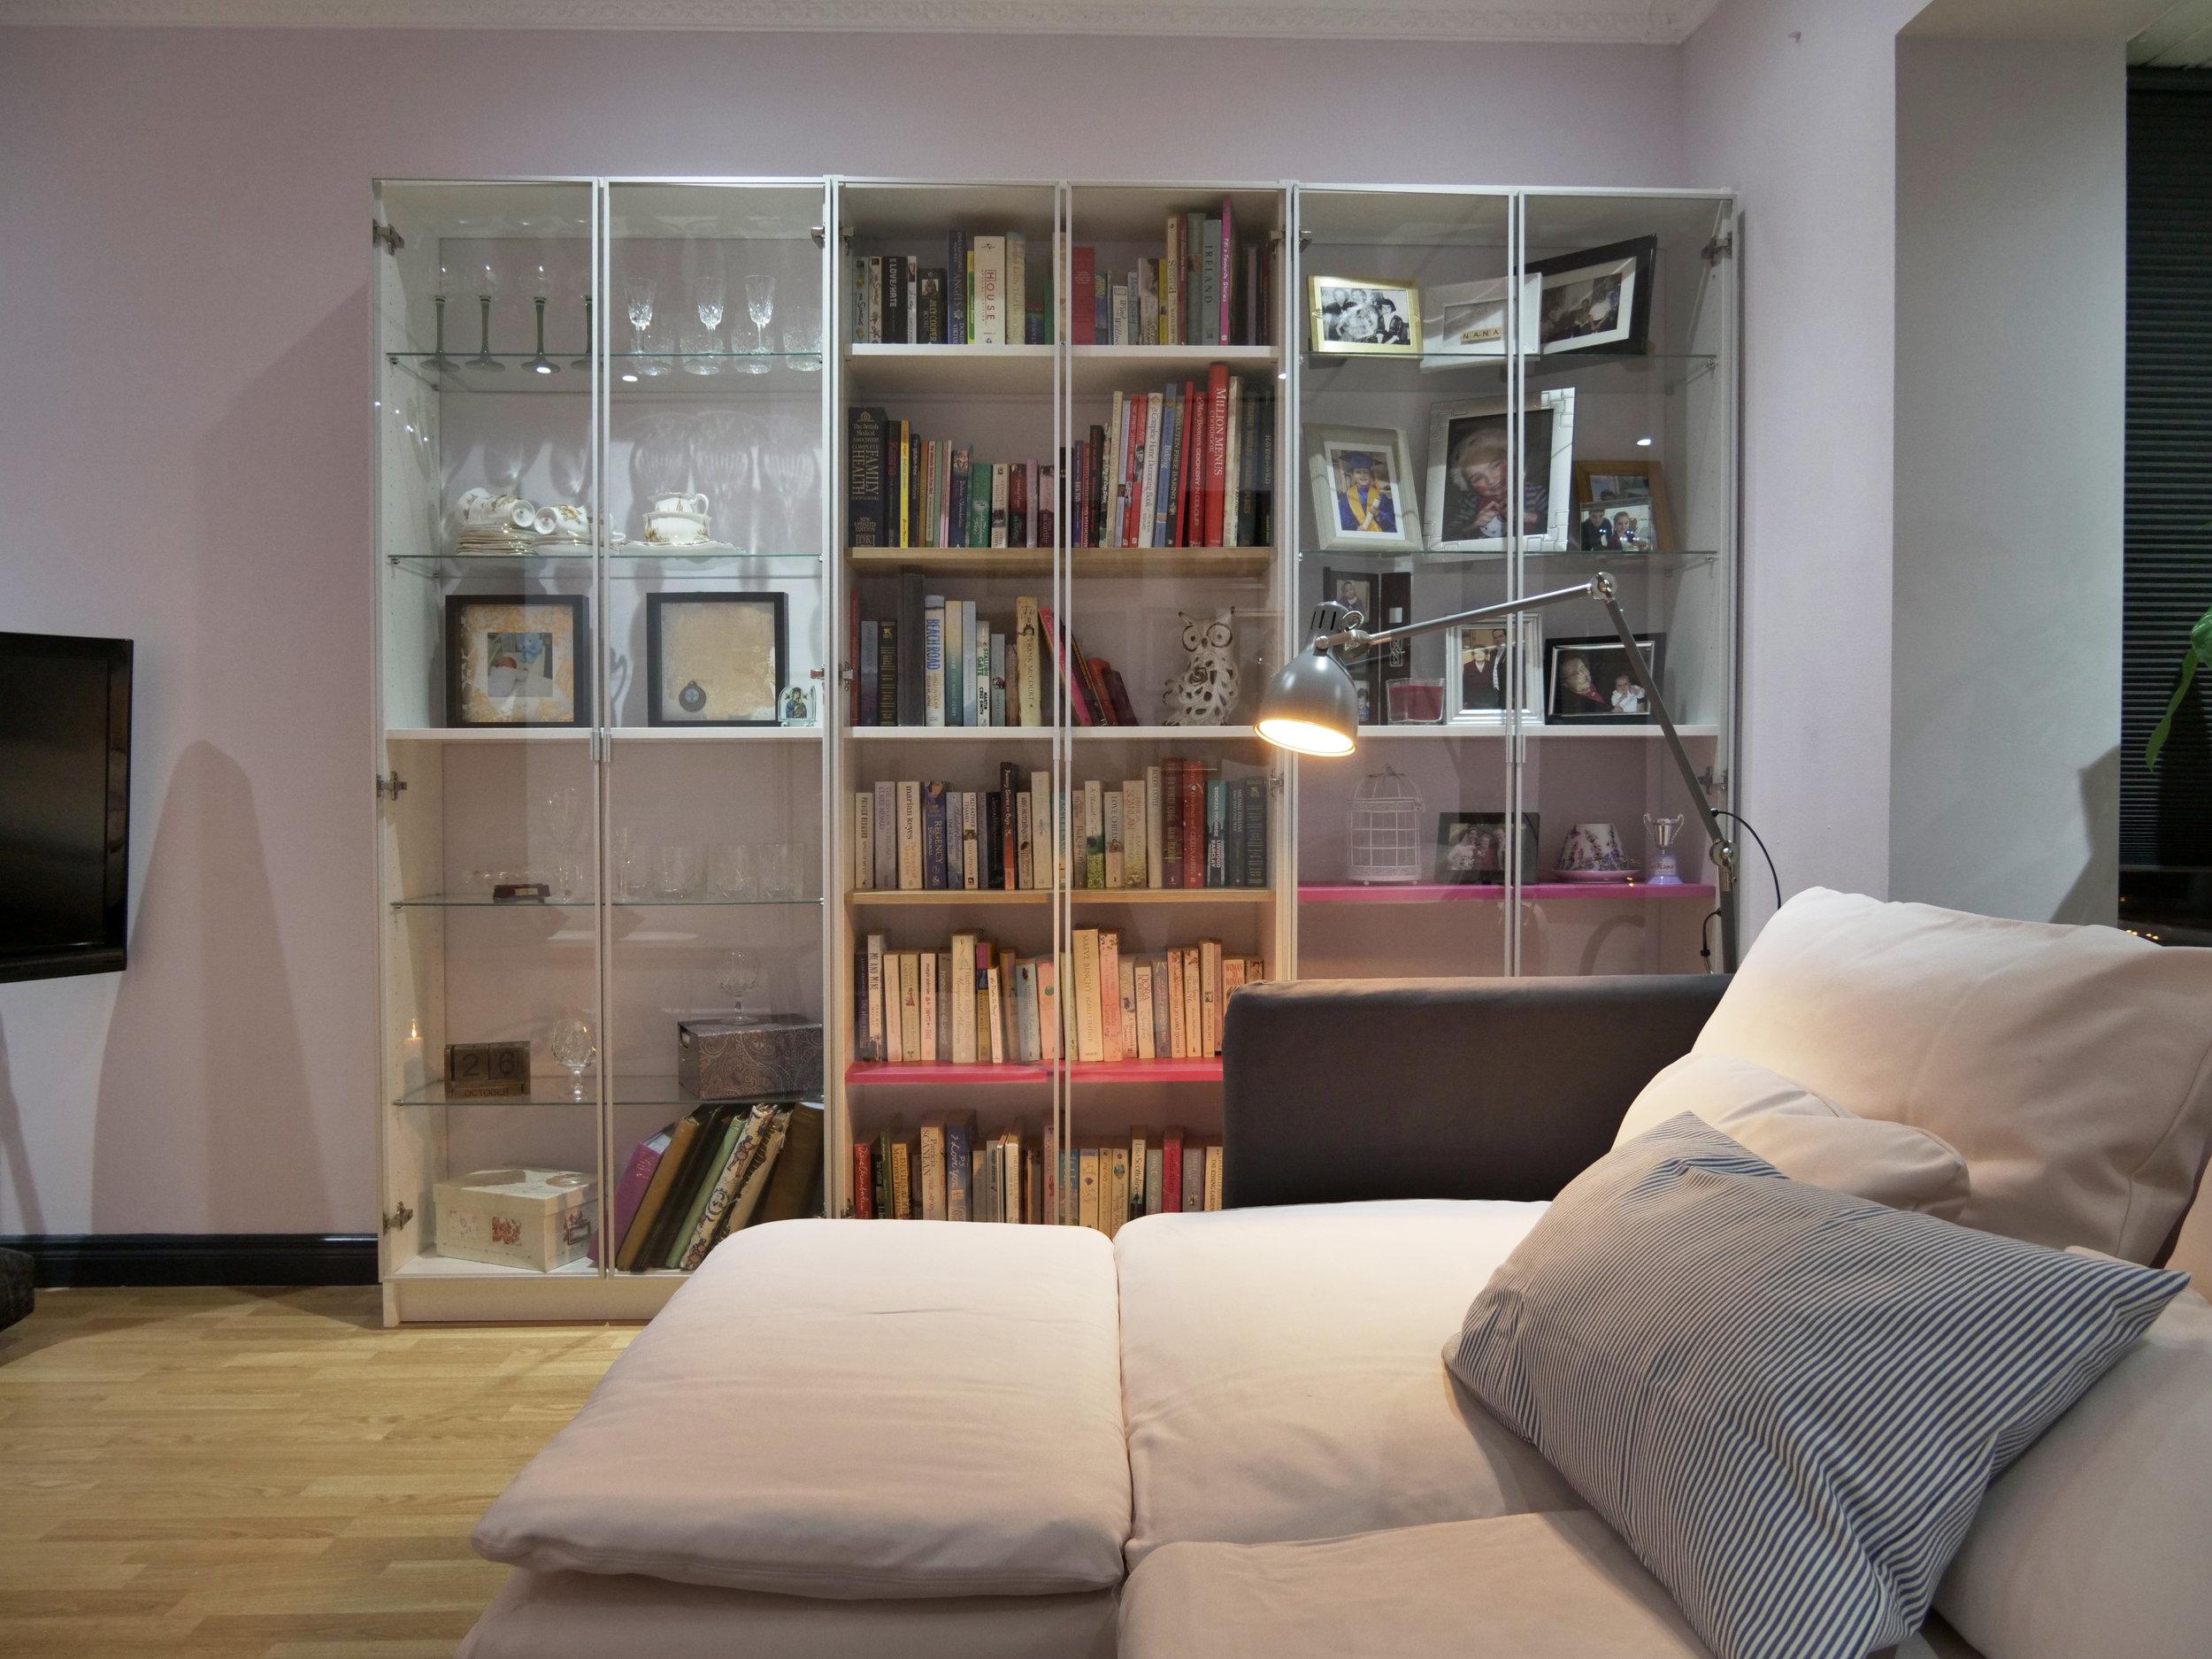 Killybegs---Living-Room---After-1.jpg